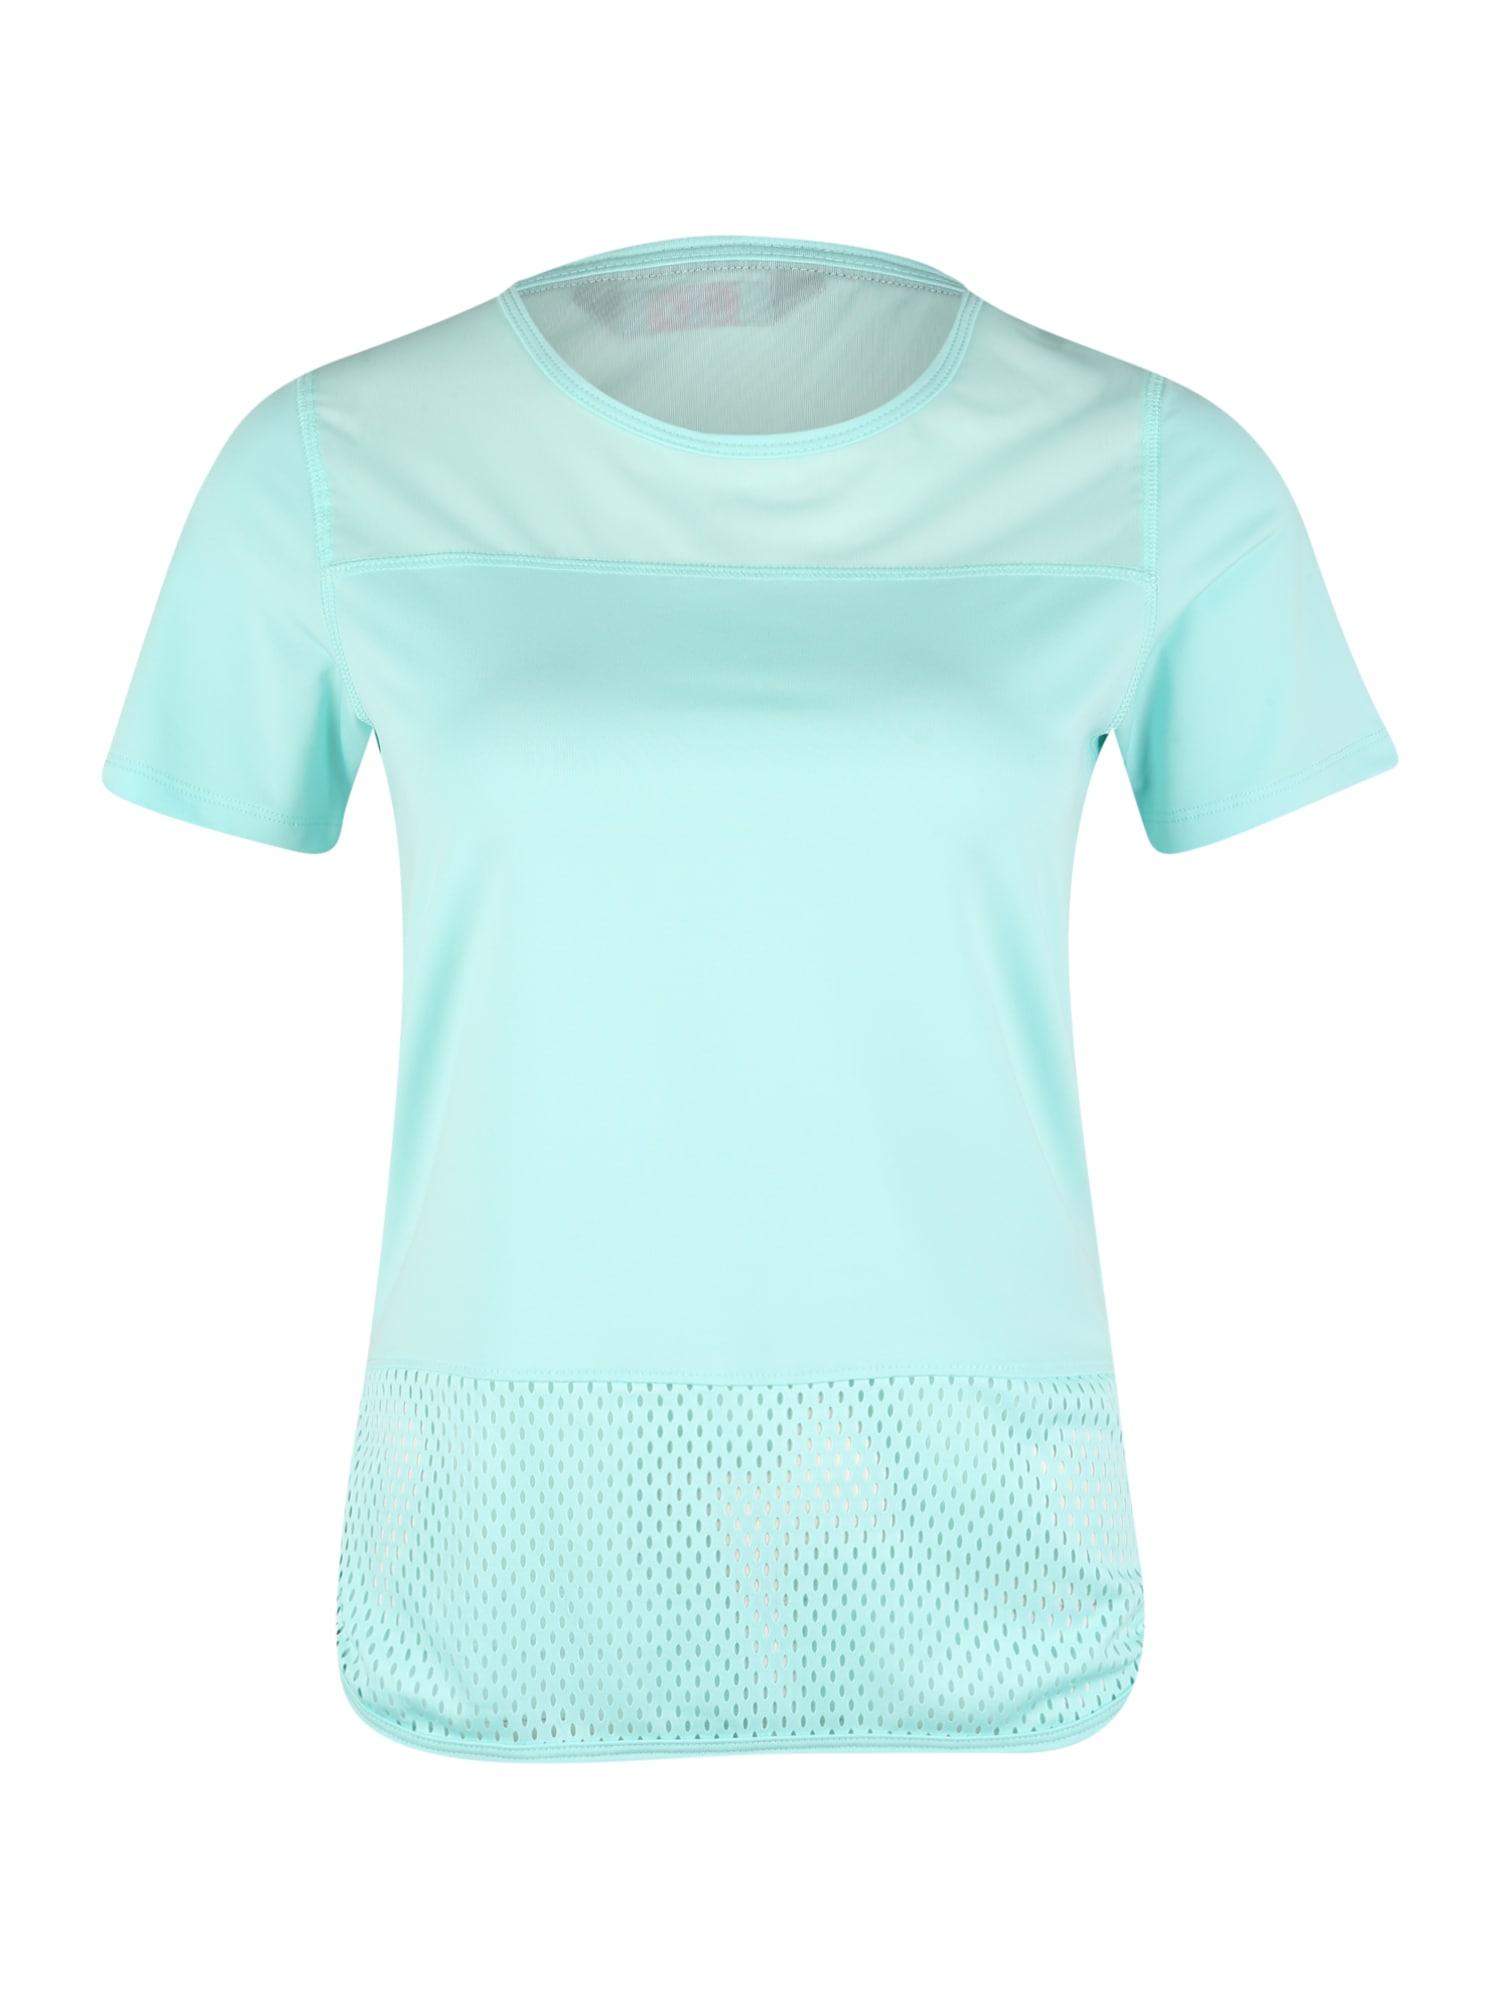 HKMX Sportiniai marškinėliai mėtų spalva